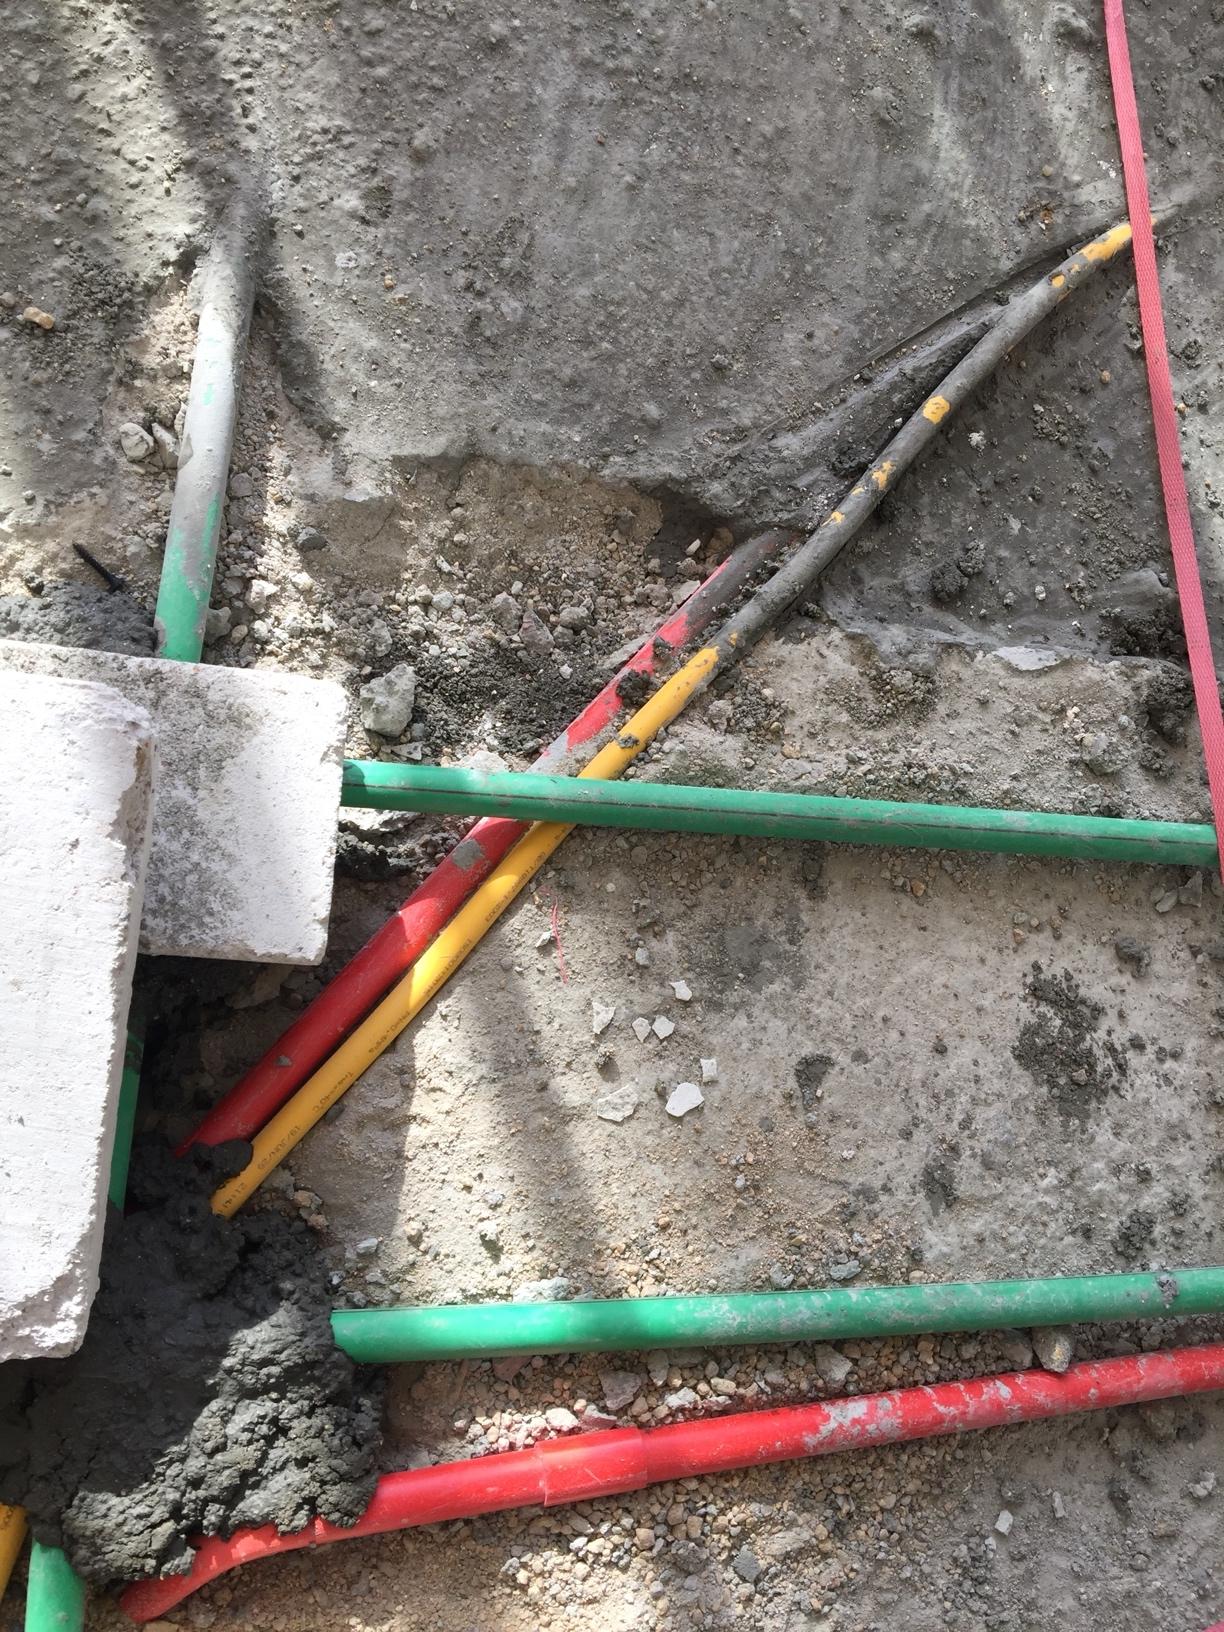 天然气管道和电线管道那么近?有问题?